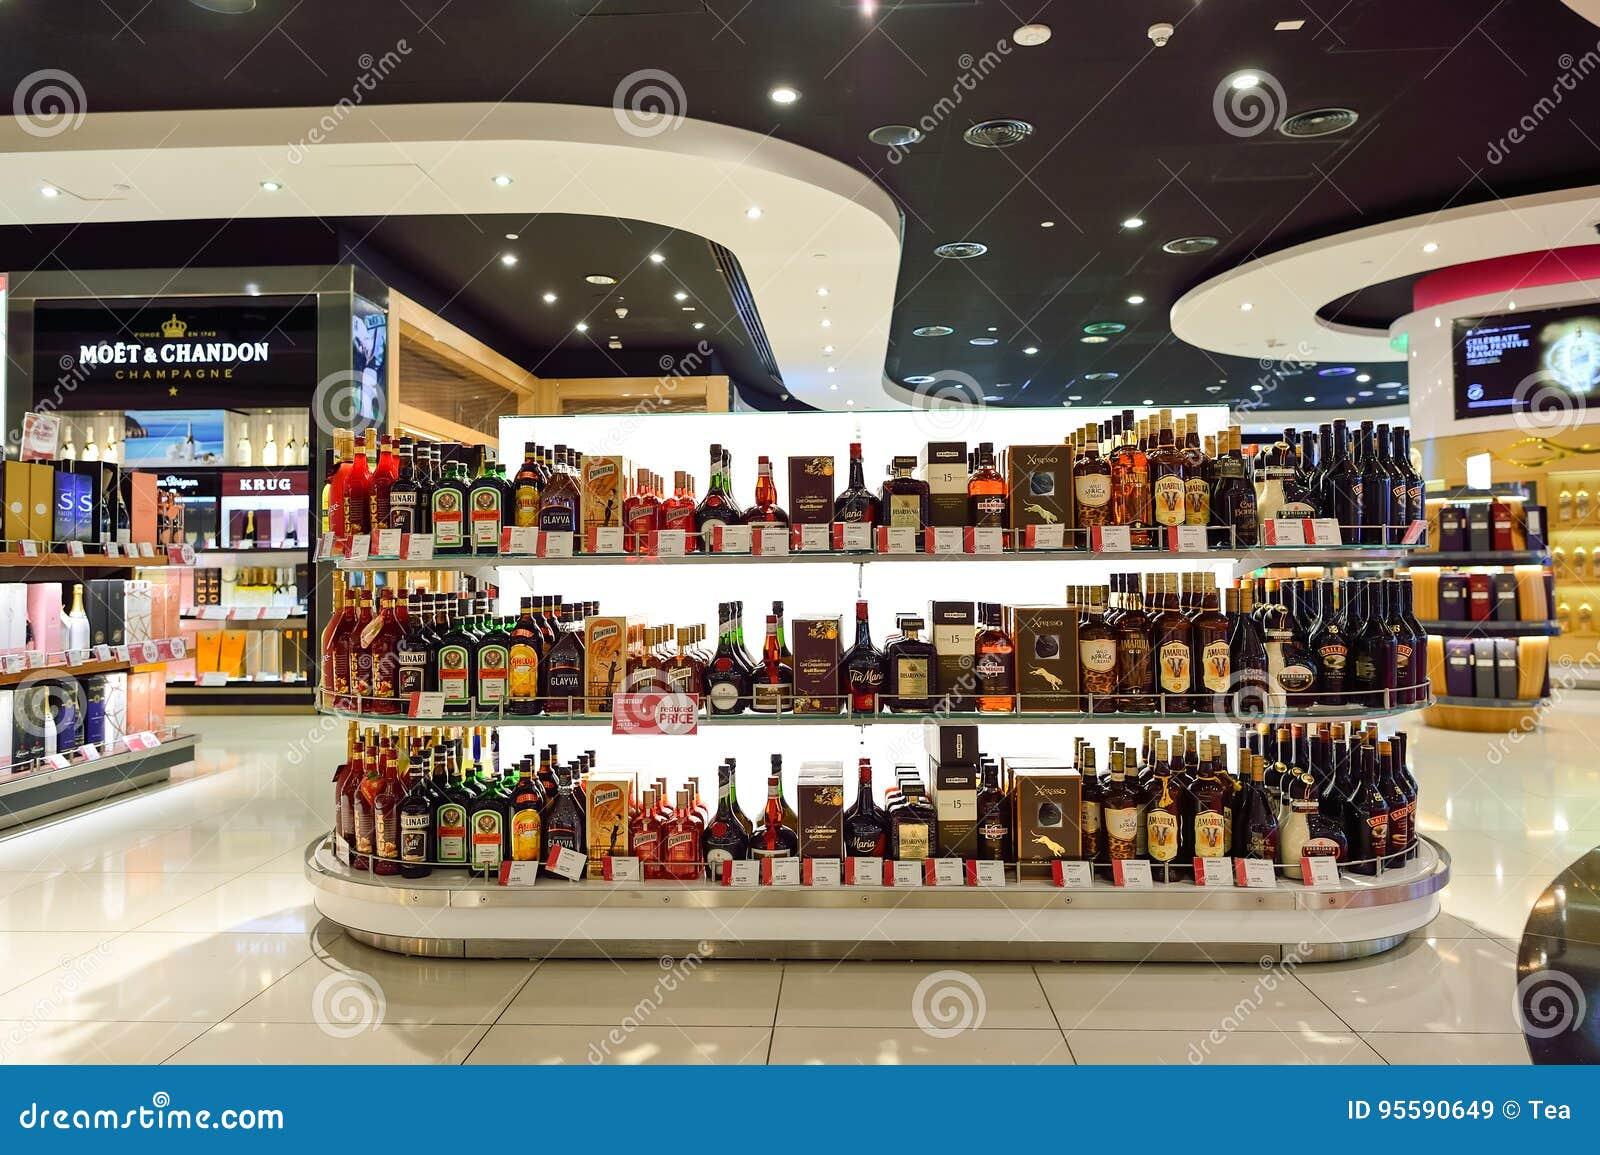 Дубай аэропорт дьюти фри цены холидей инн дубай сафа парк